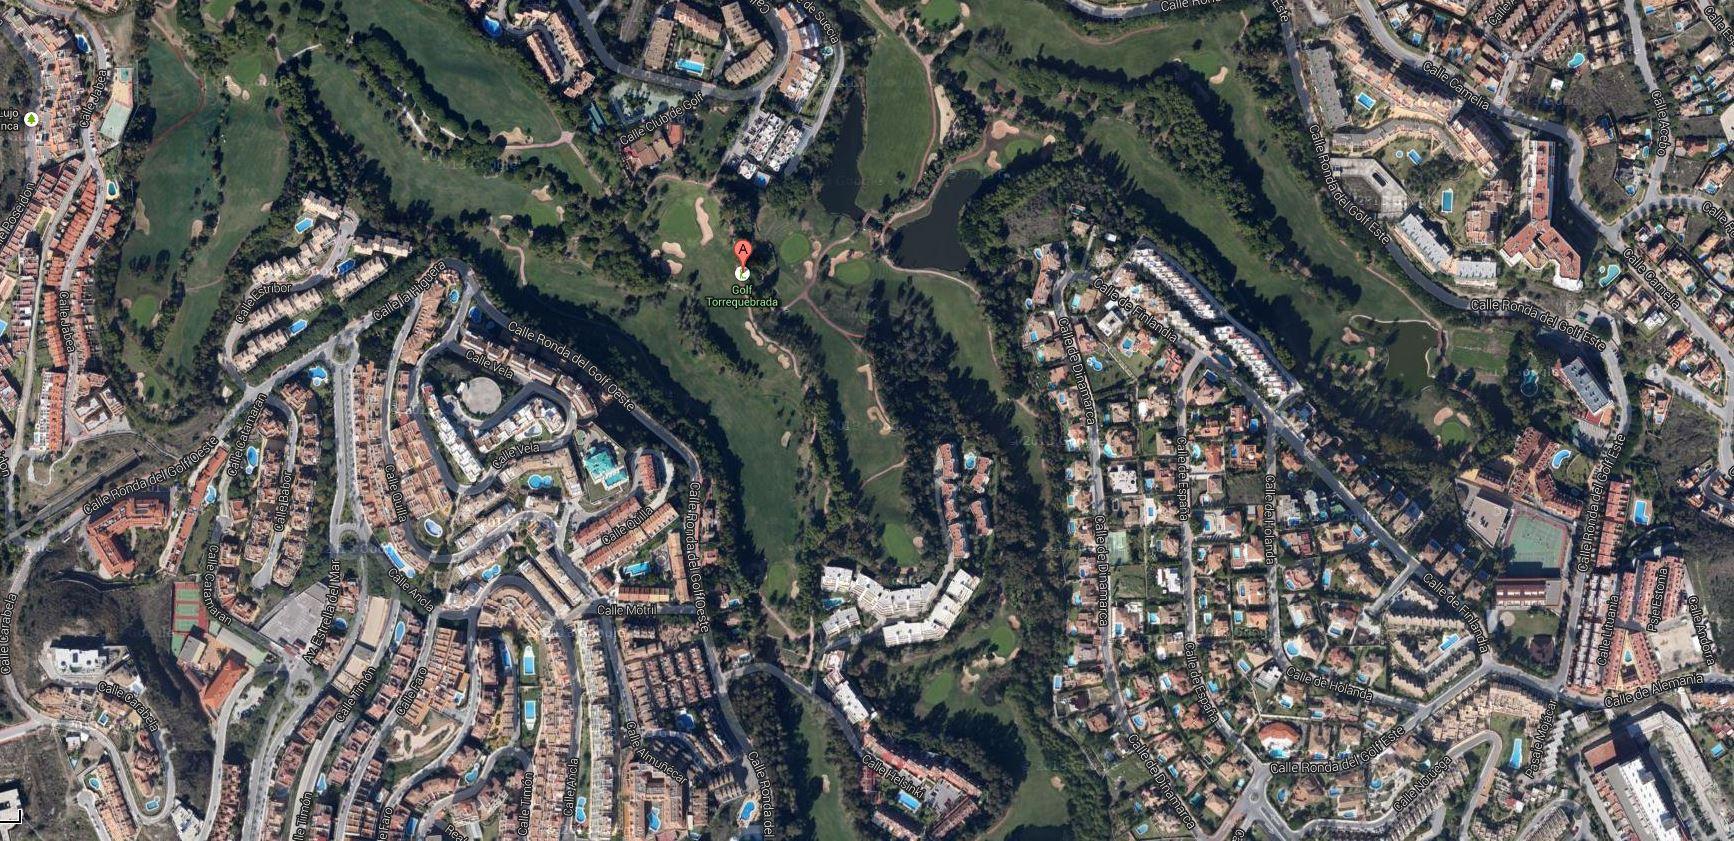 Campo de golfe de Torrequebrada, Benalmádena Málaga, Costa del Sol, Espanha Imagem google Clique para ler reportagem